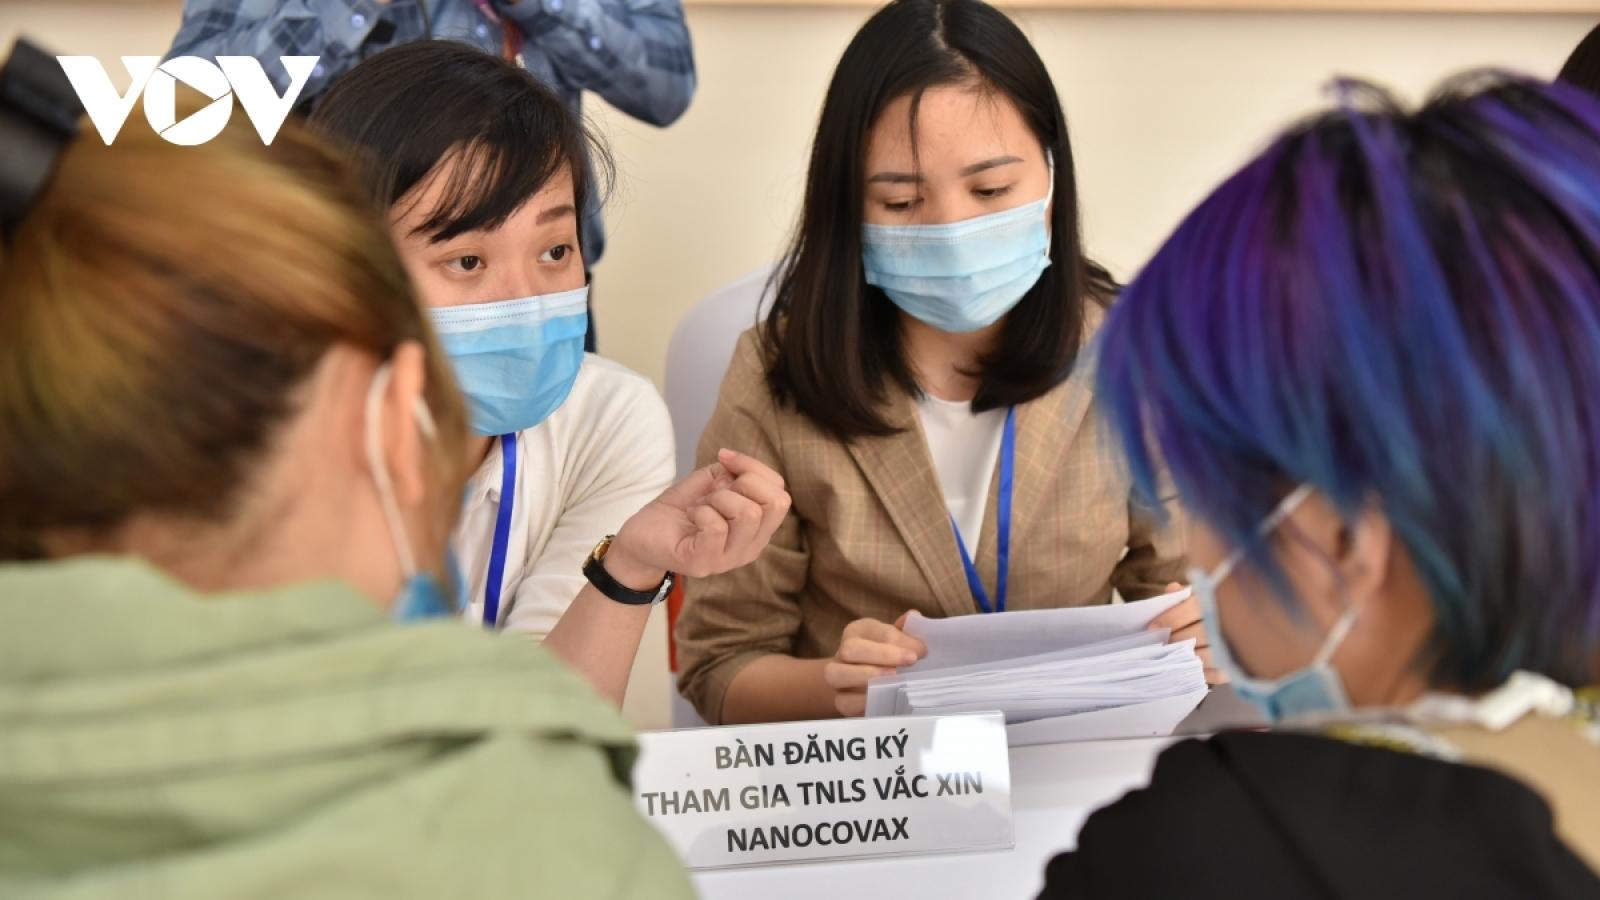 Vaccine COVID-19 của Việt Nam đang được nghiên cứu có đảm bảo tính an toàn?